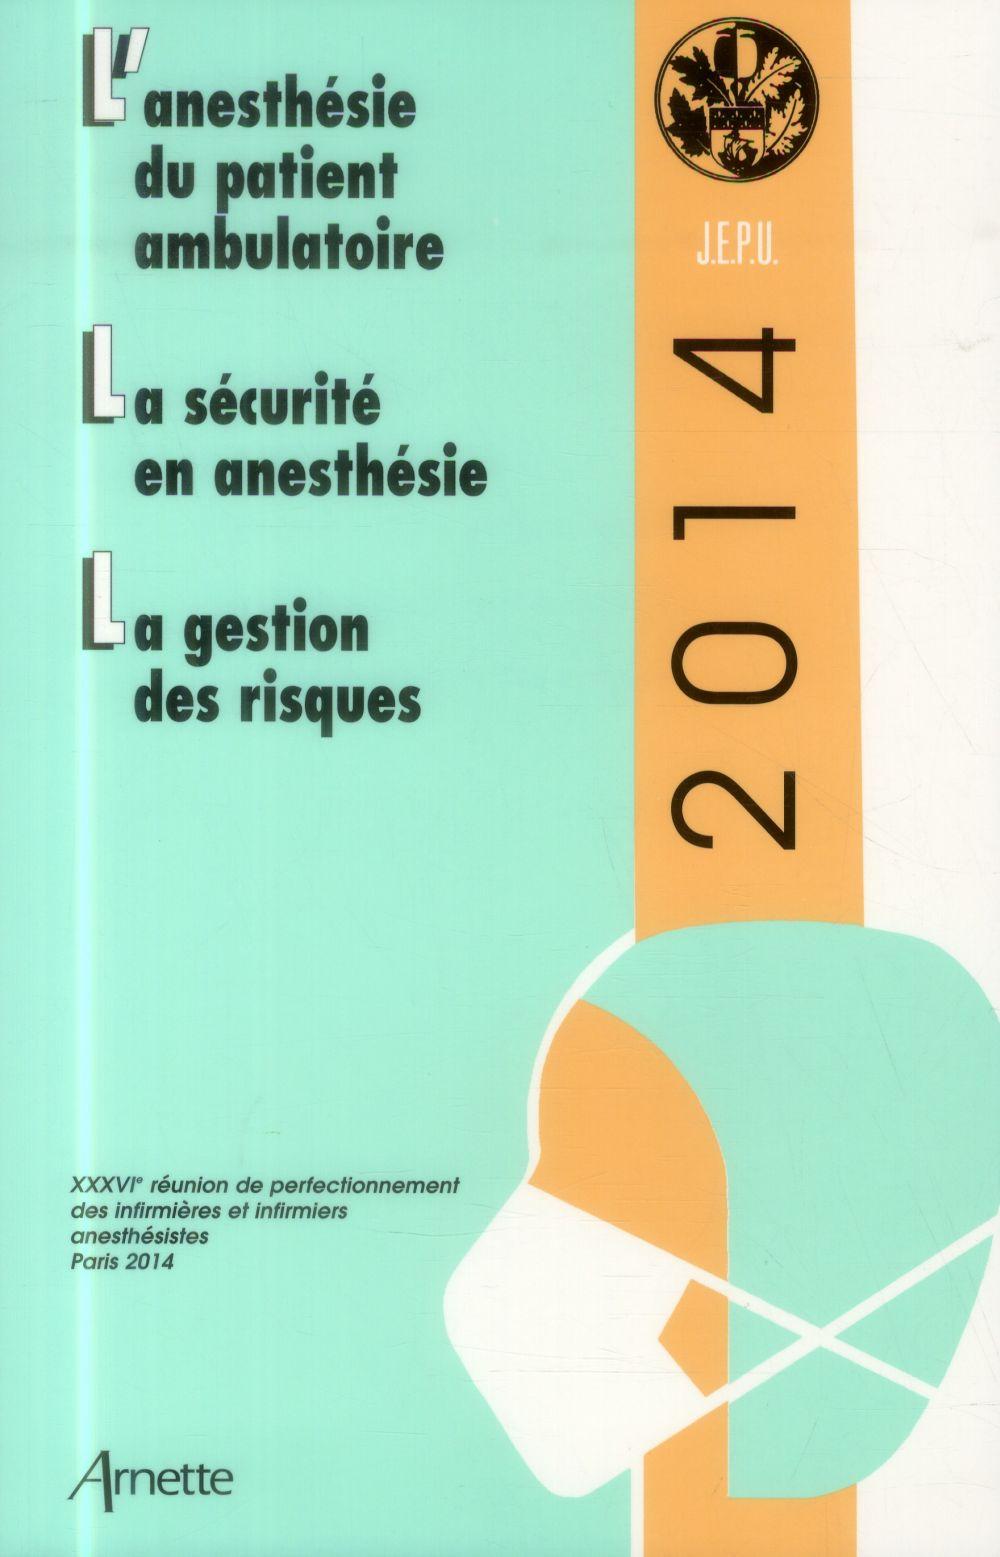 JEPU INFIRMIERS 2014 L ANESHTESIE DU PATIENT AMBULATOIRE LA SECURITE EN ANESTHES - L'ANESTHESIE DU P